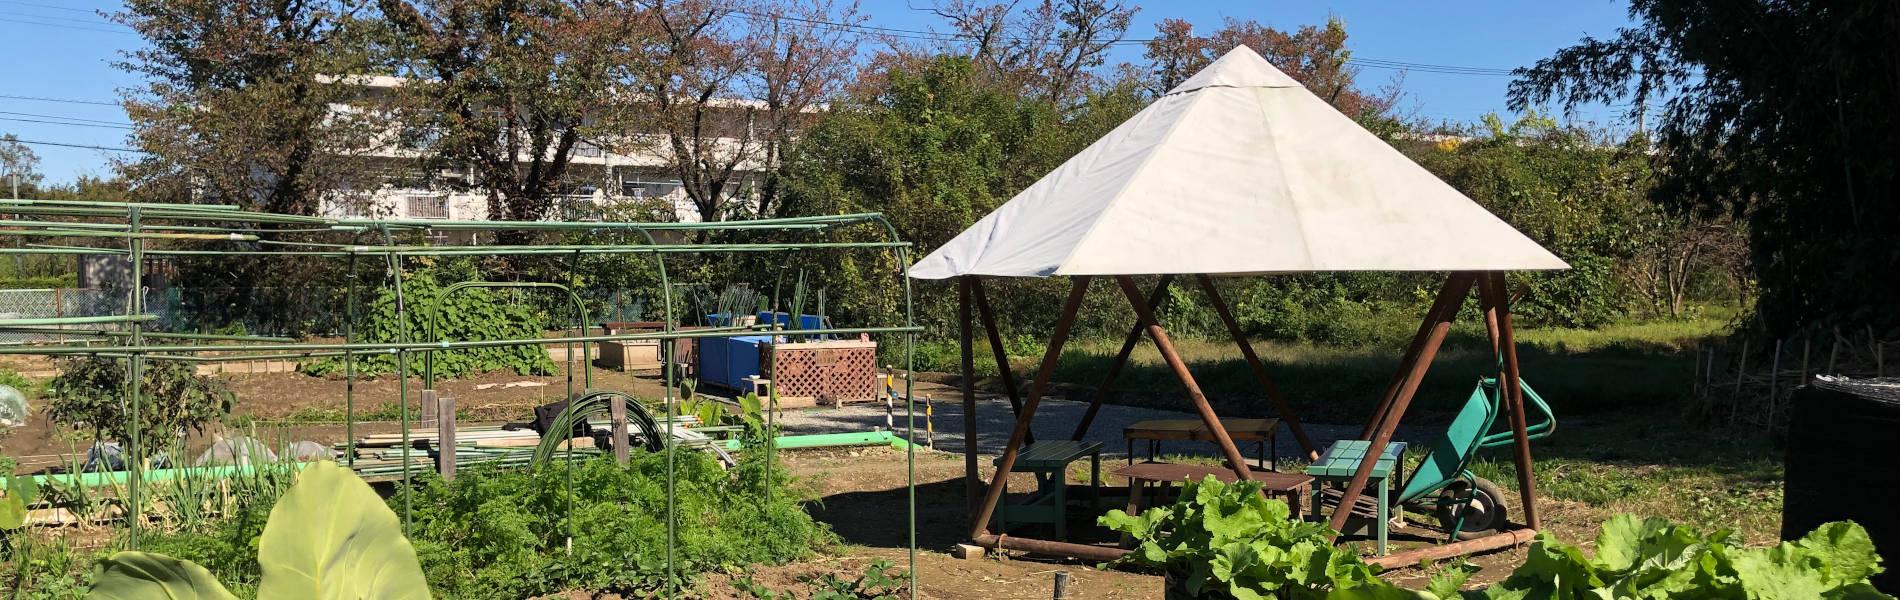 市民農園の休憩所、フォレストドーム